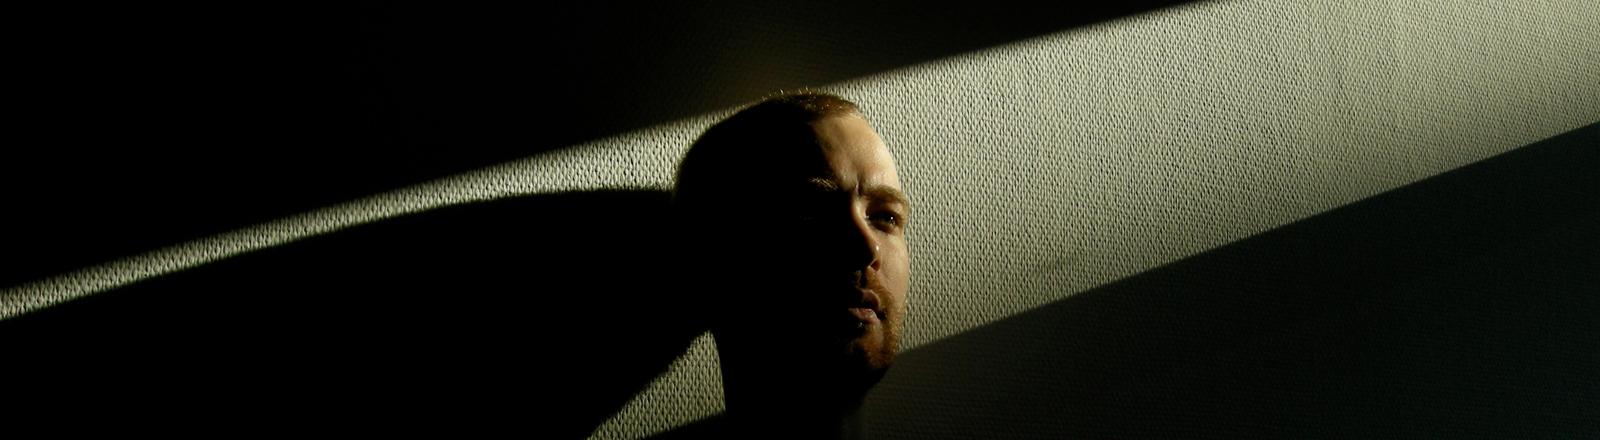 Ein Mann steht im Dunkeln an einer Wand und wird von einem Lichtstrahl beleuchtet.